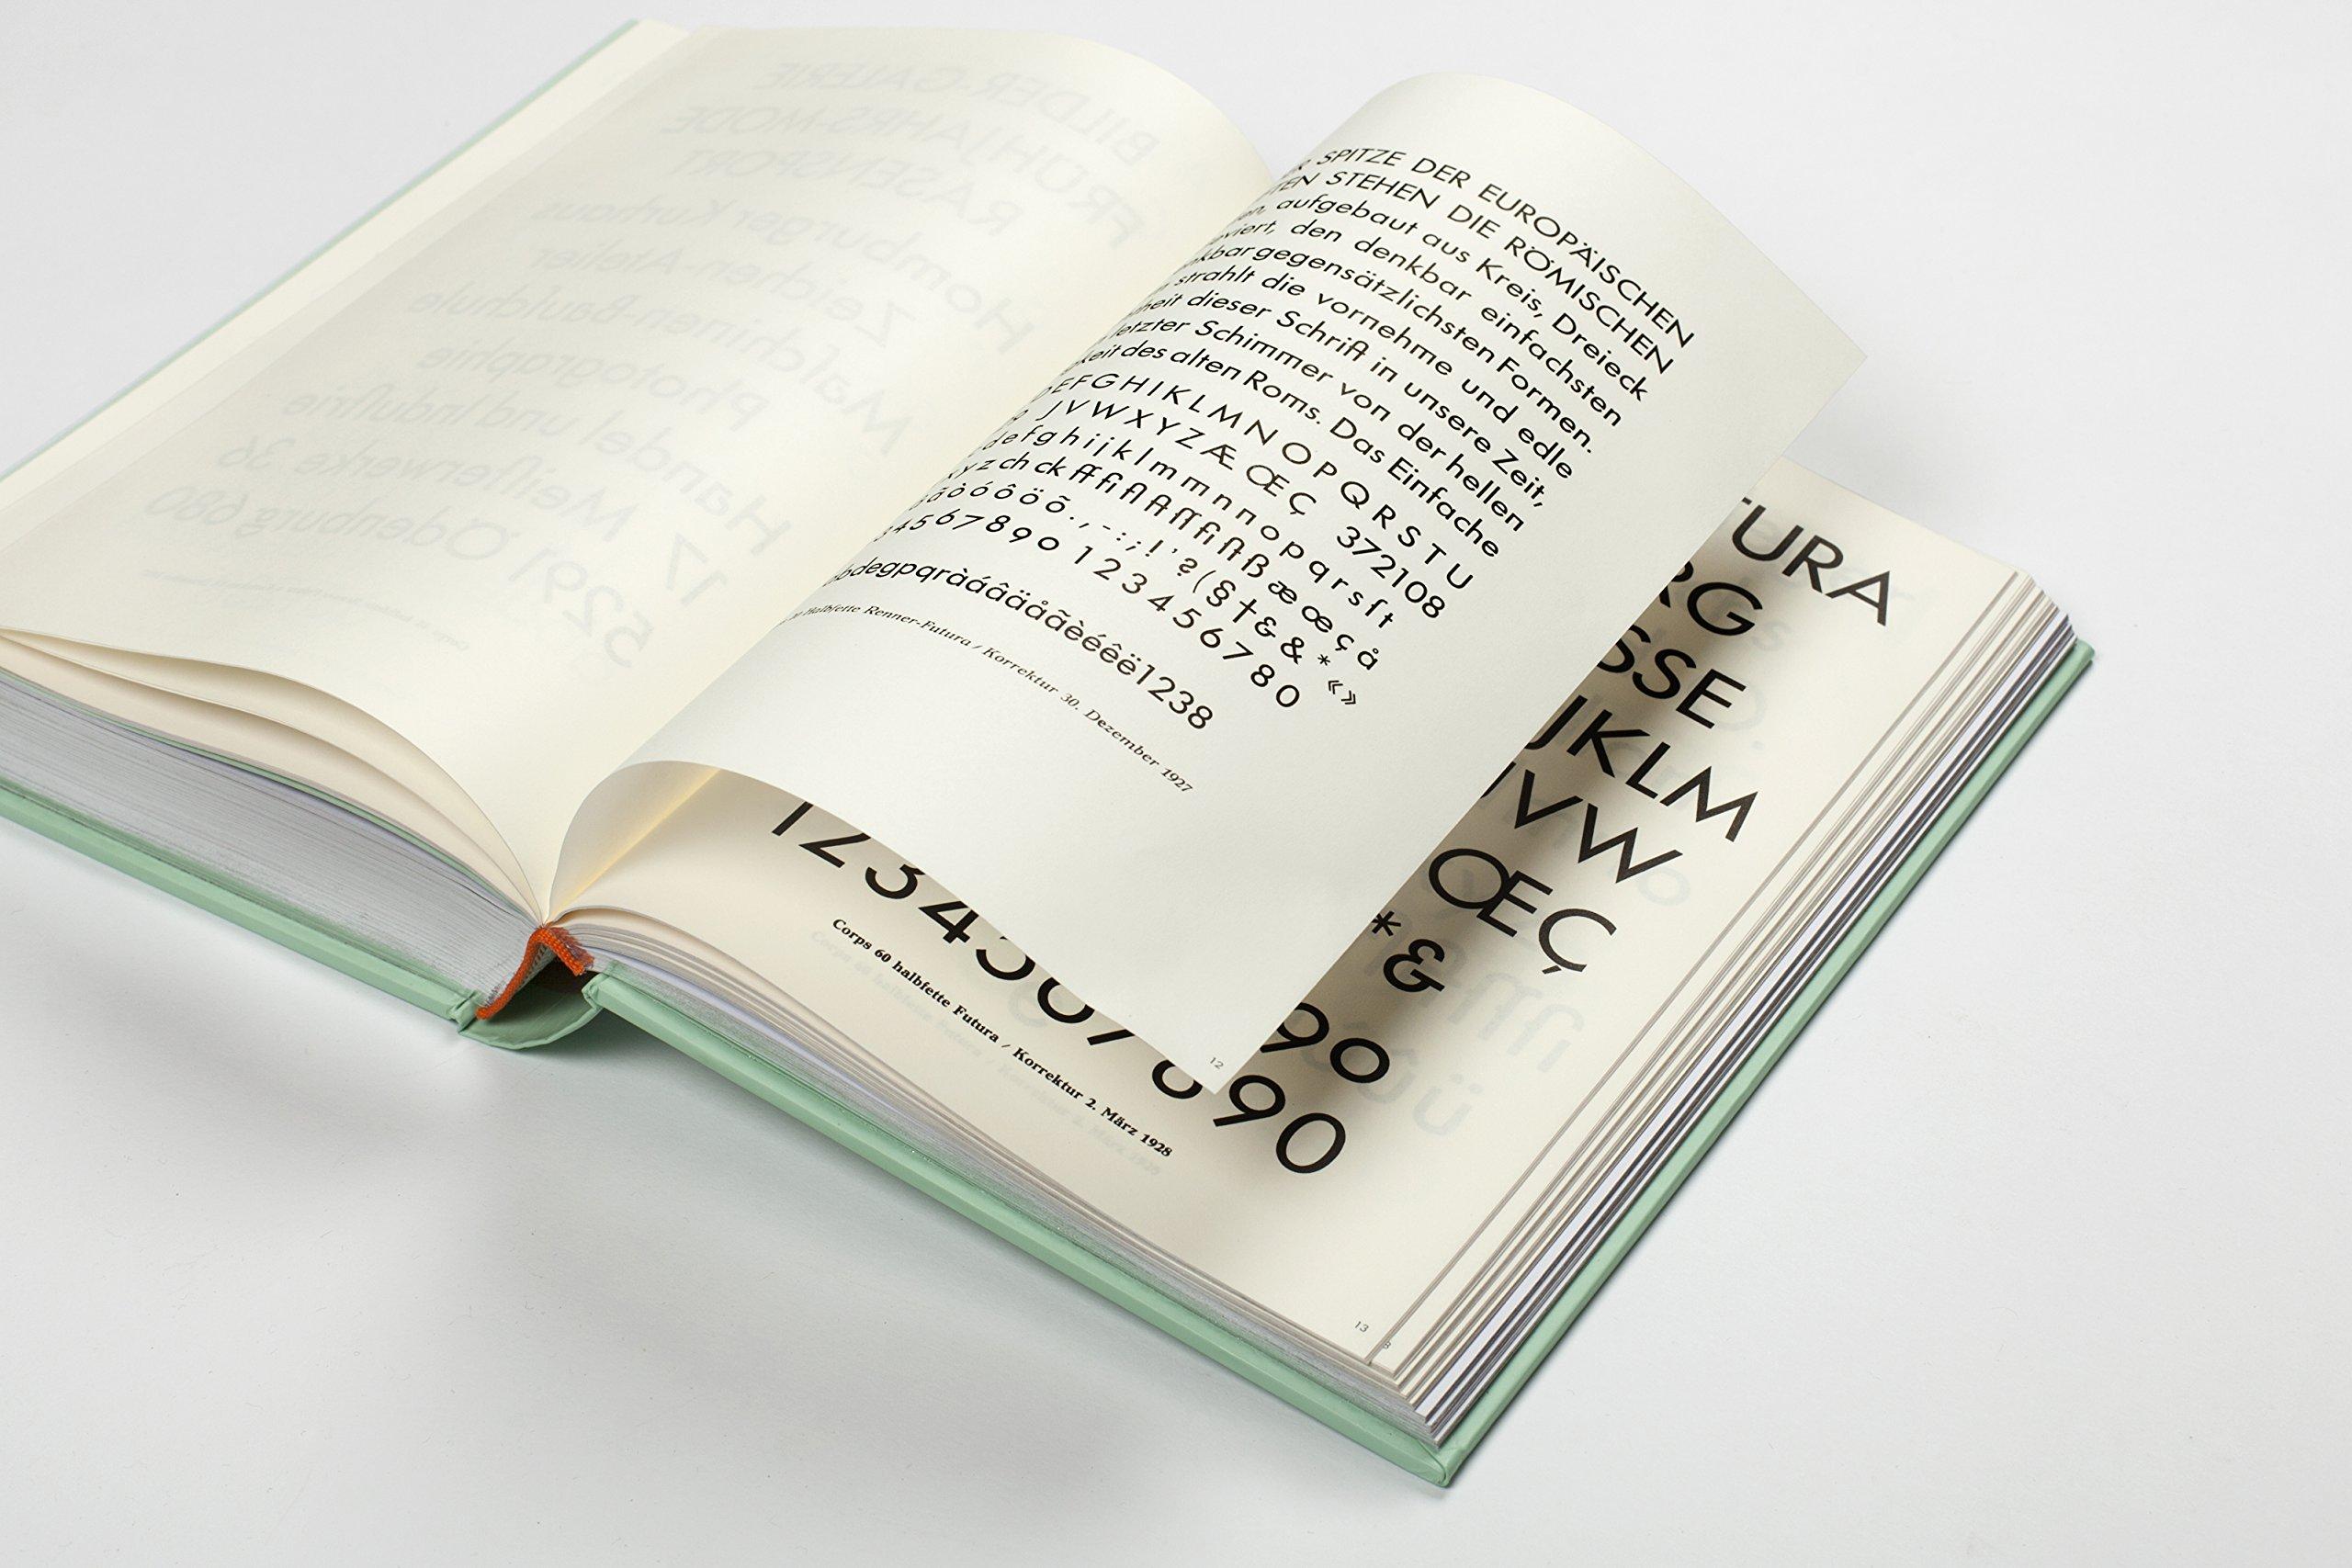 Futura Standard Book